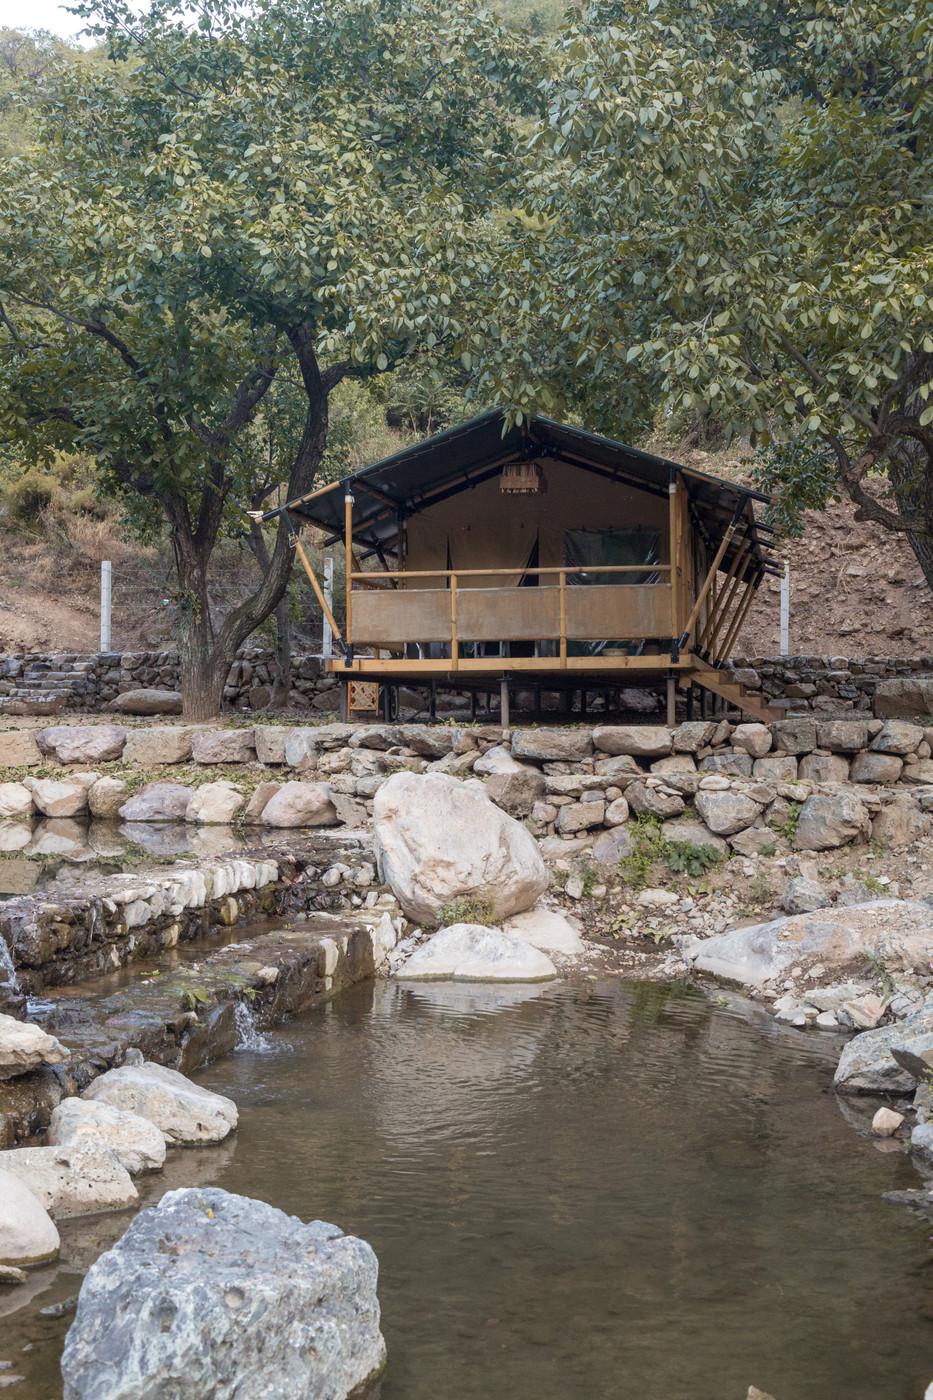 喜马拉雅野奢帐篷酒店一北京石头 剪刀 布一私享院子 54平山谷型  16